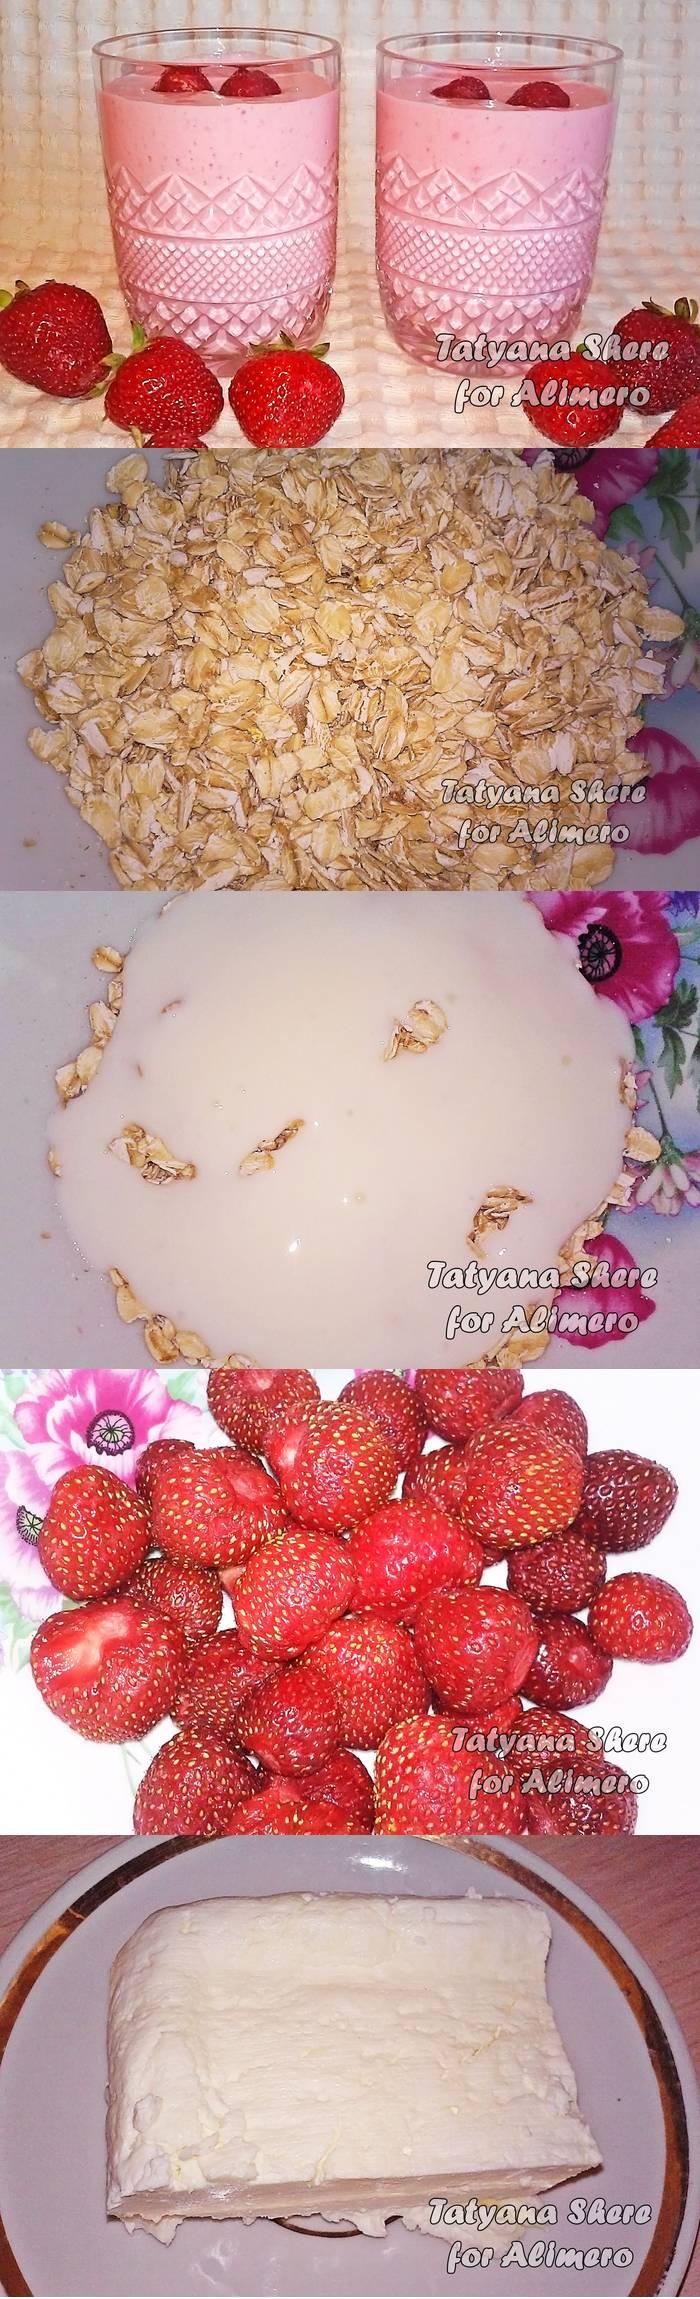 Самый вкусный завтрак из клубники и творога